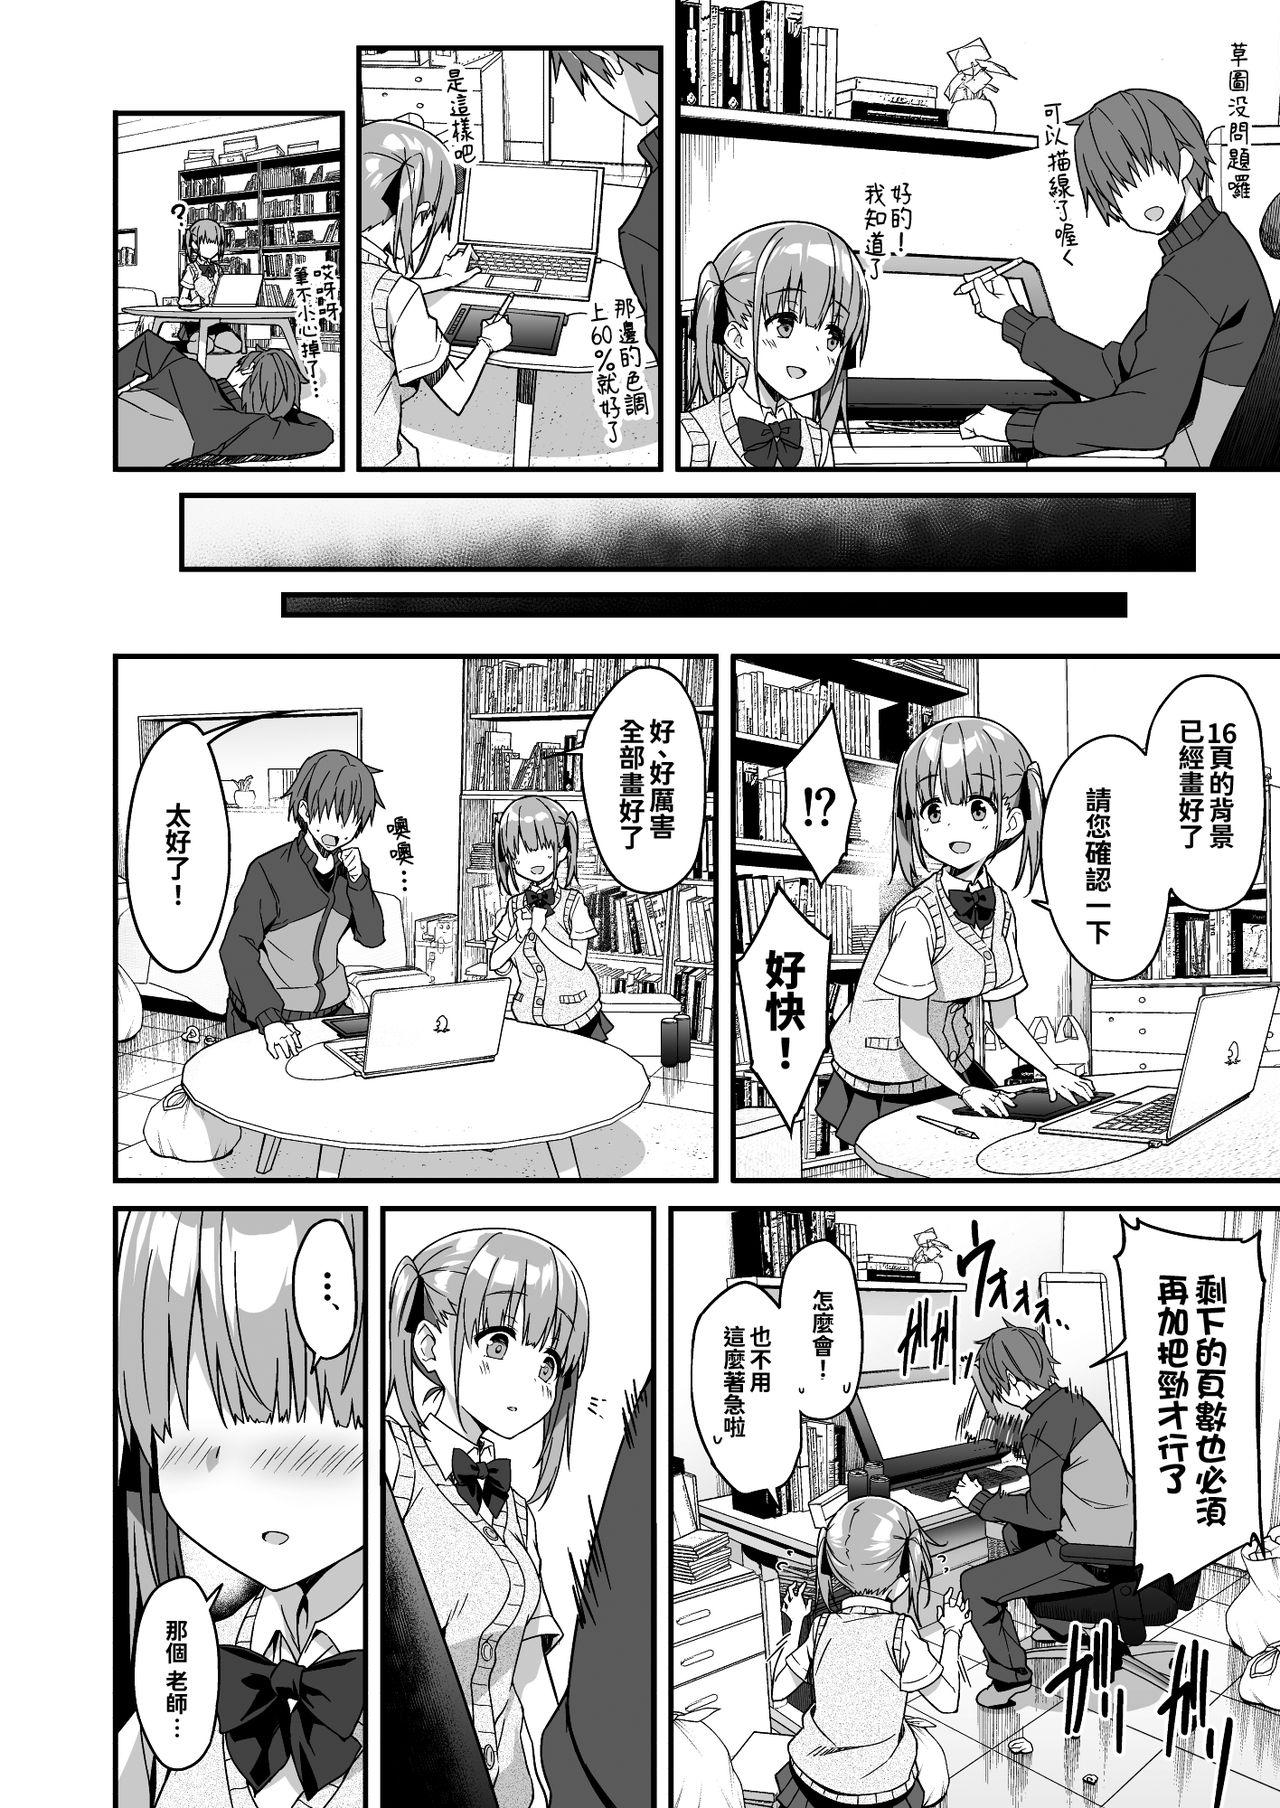 Kaji Daikou o Tanondara JK ga Kita node Tsuika de Iroiro Onegai shite mita 2 8